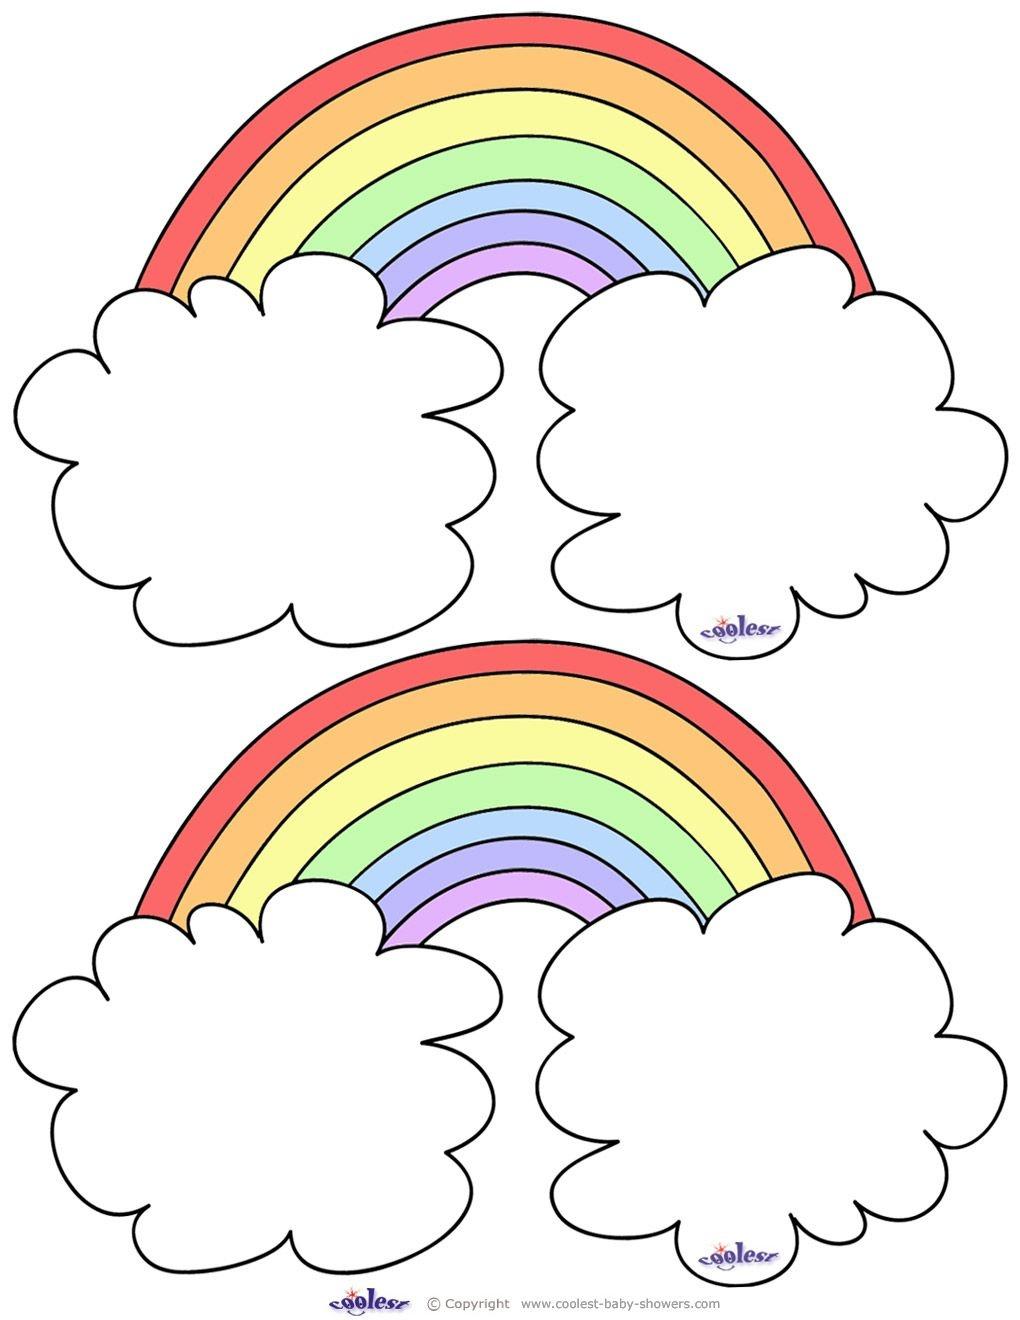 Blank Printable Rainbow Thank You Cards Coolest Free Printables - Free Rainbow Printables